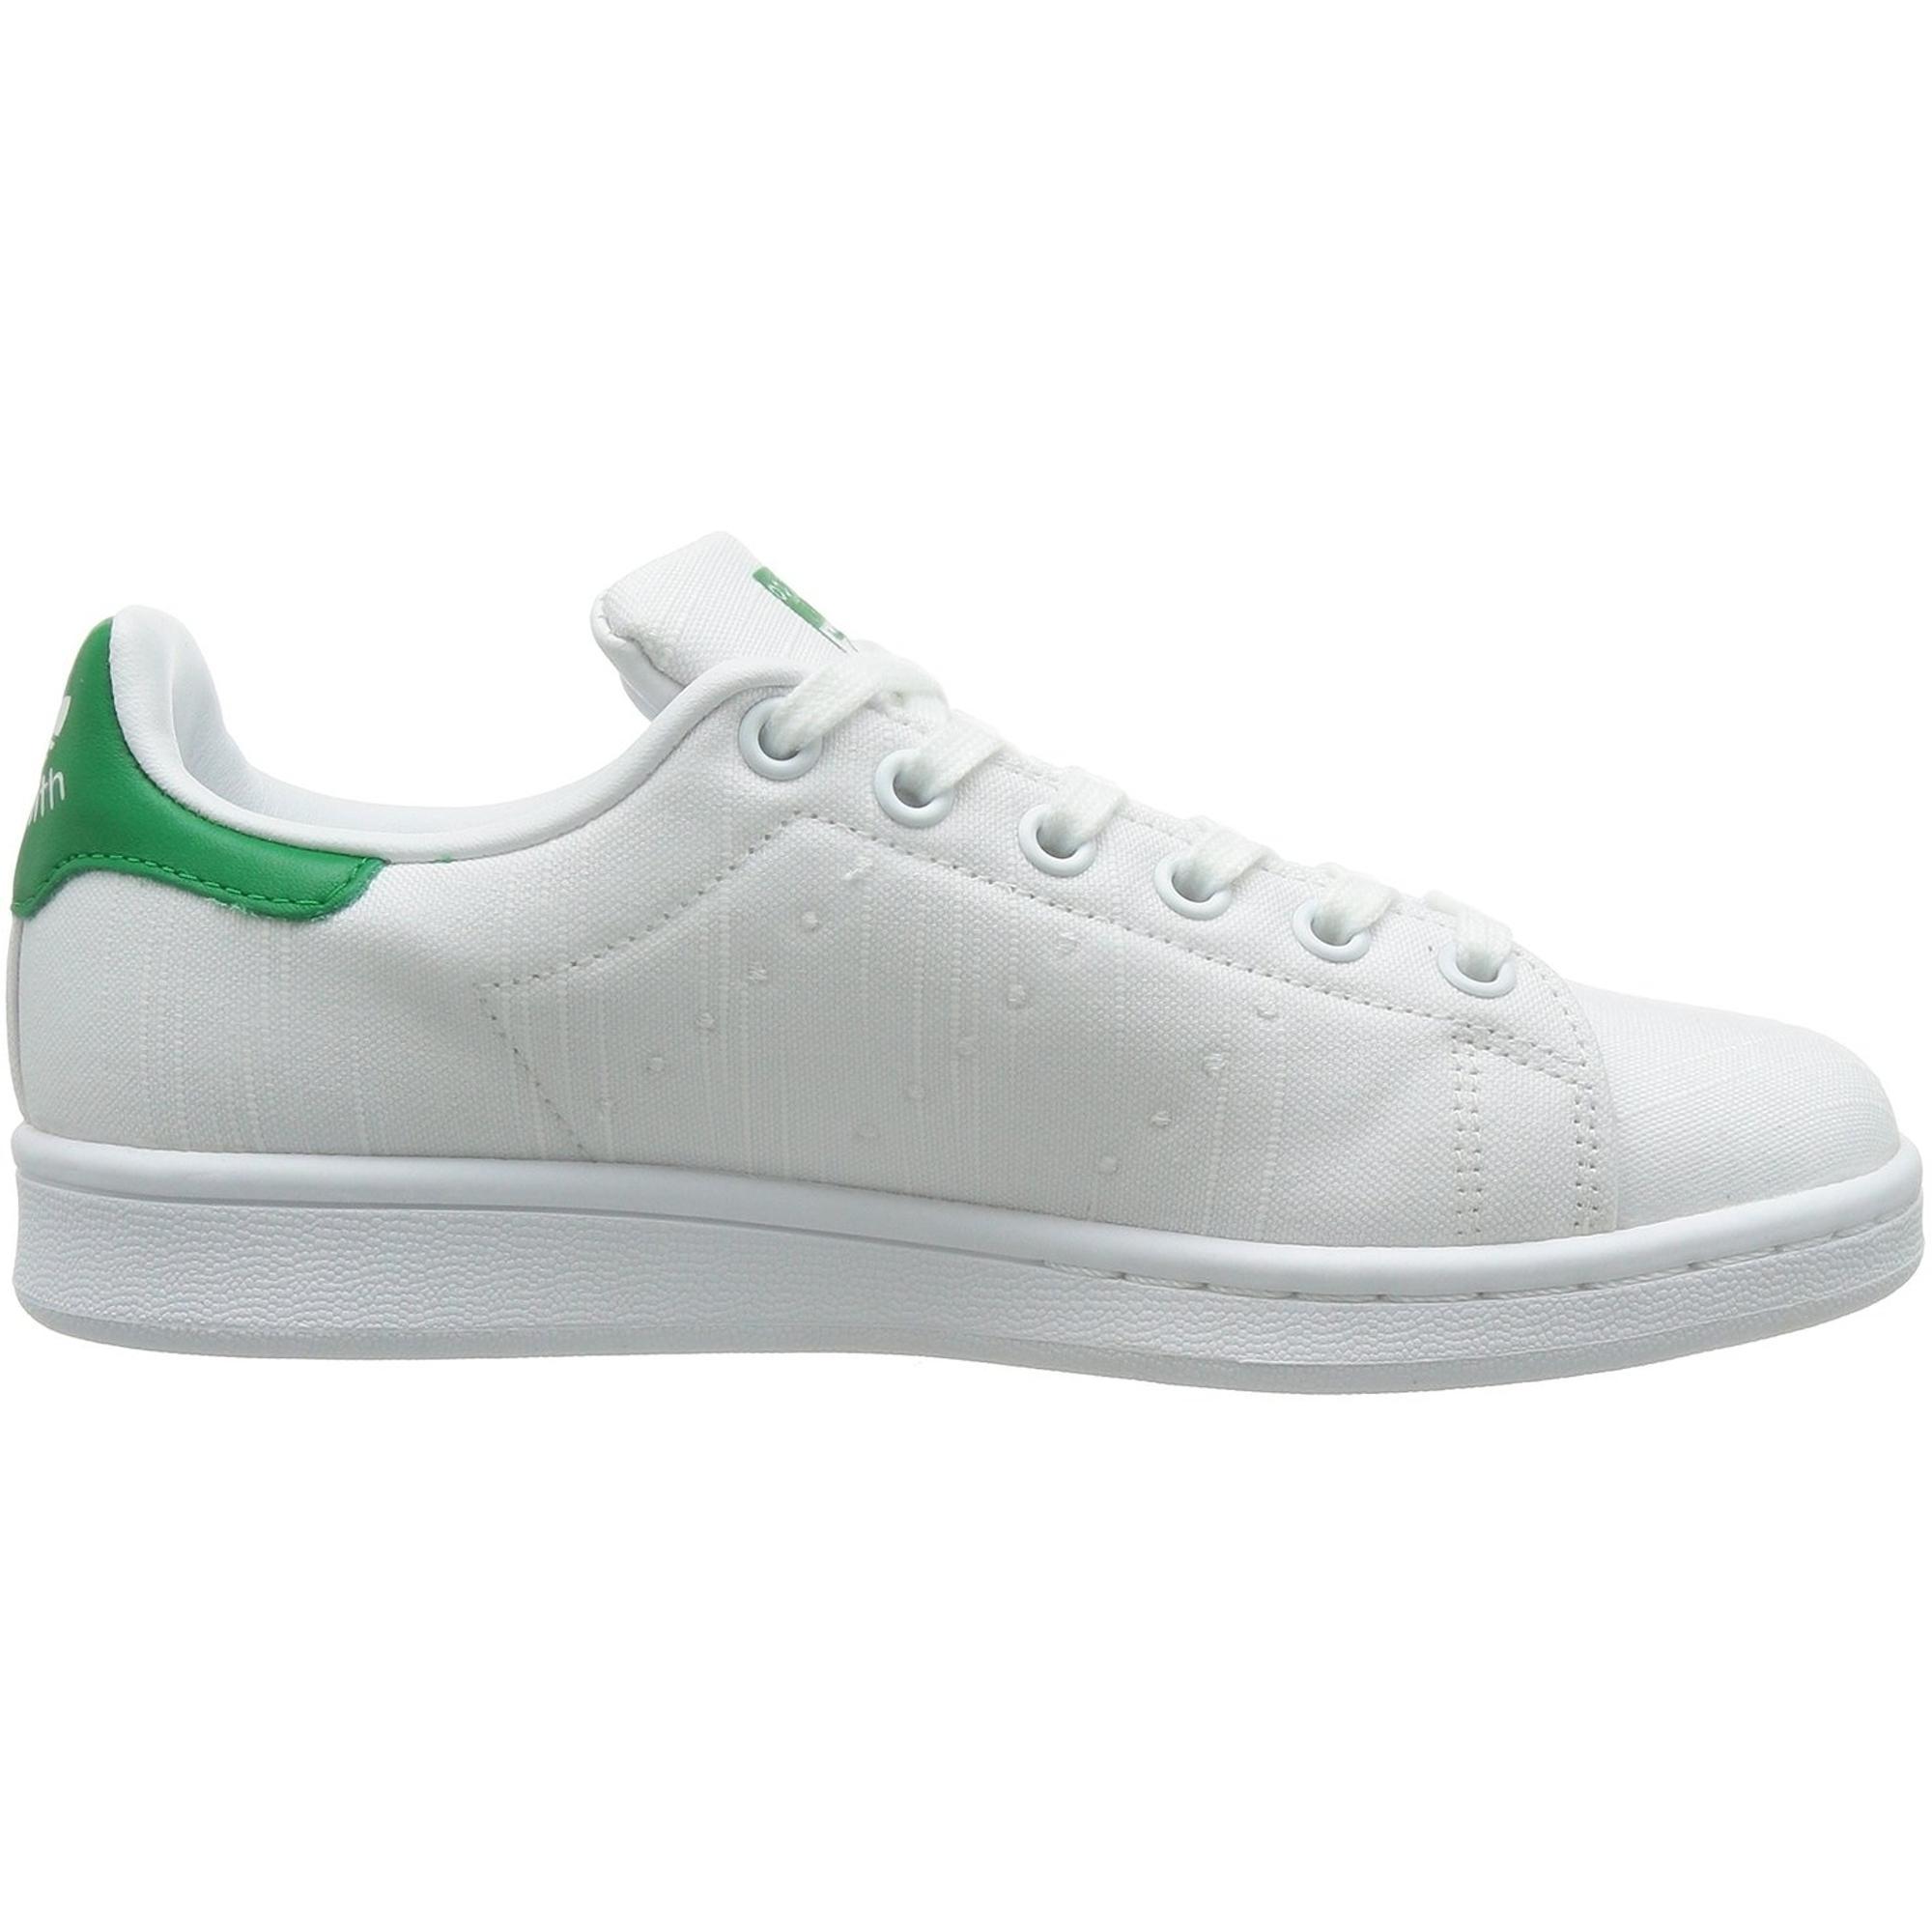 adidas Originals Stan Smith W WeißGrün Textil Erwachsene